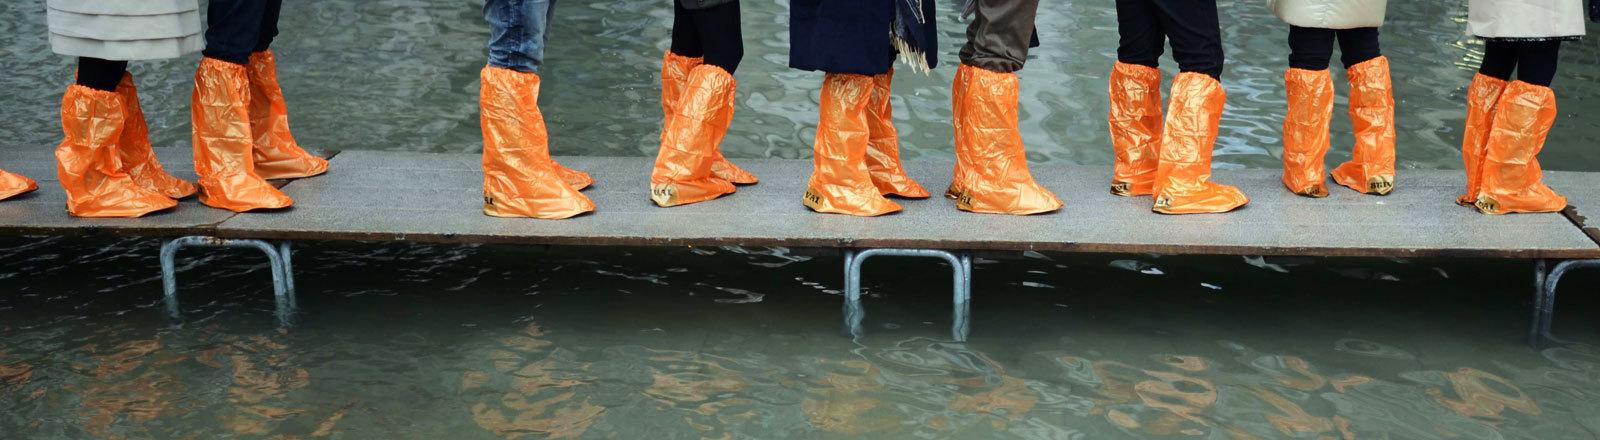 Menschen stehen in Gummischuhen auf einem Steg in Venedig, während dort Hochwasser herrscht.